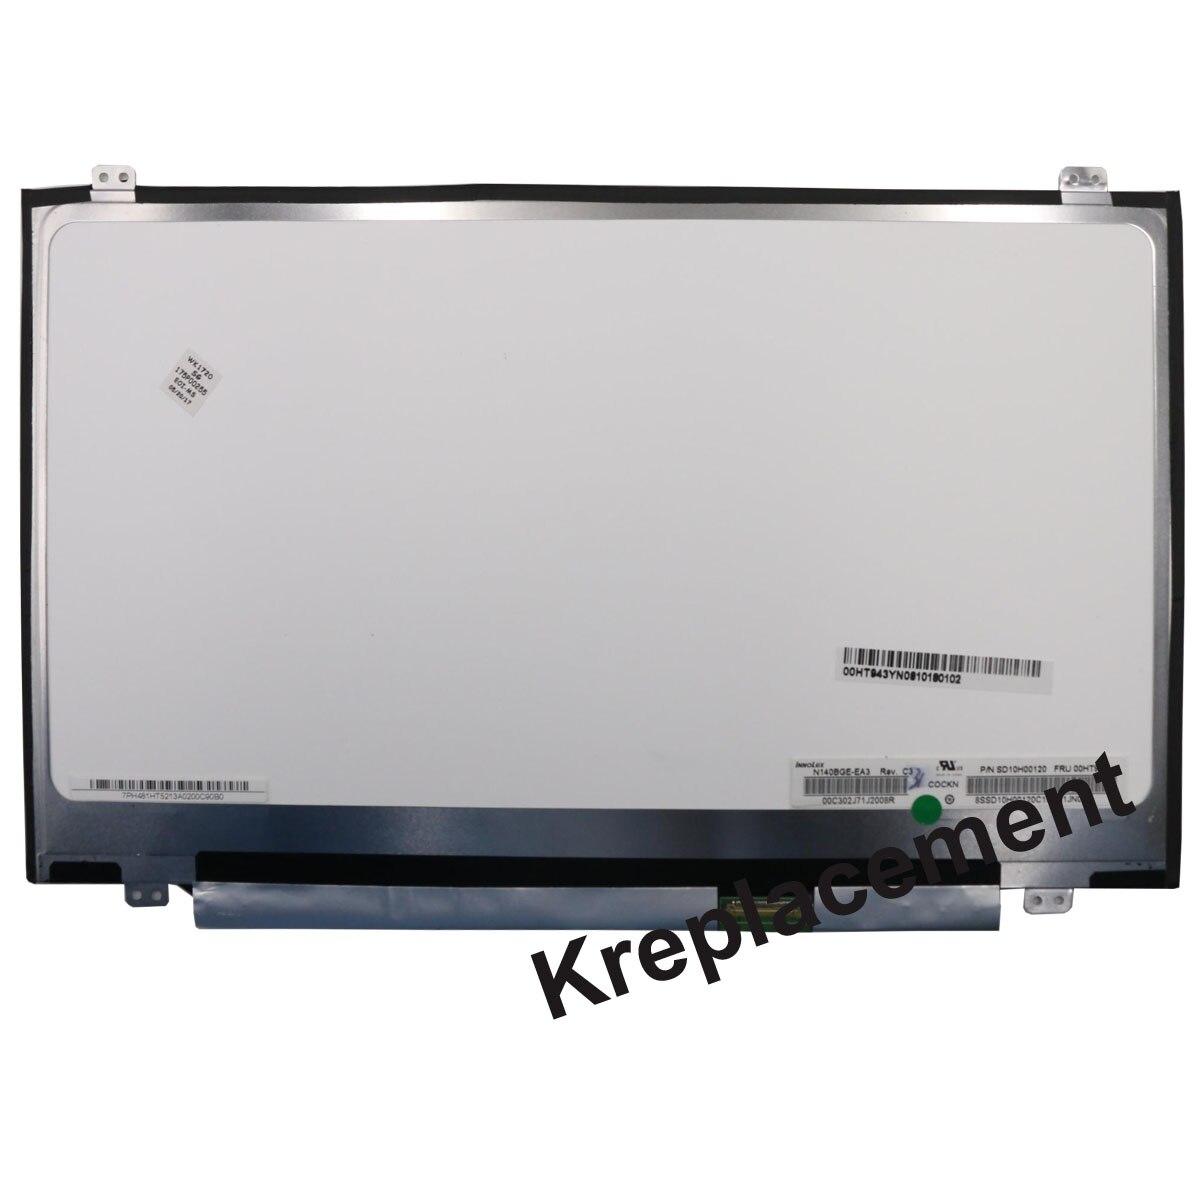 لينوفو FRU P/N 02DL764 01ER058 متوافق شاشة عرض ليد إل سي دي شاشة لوحة استبدال FHD 1080P 14